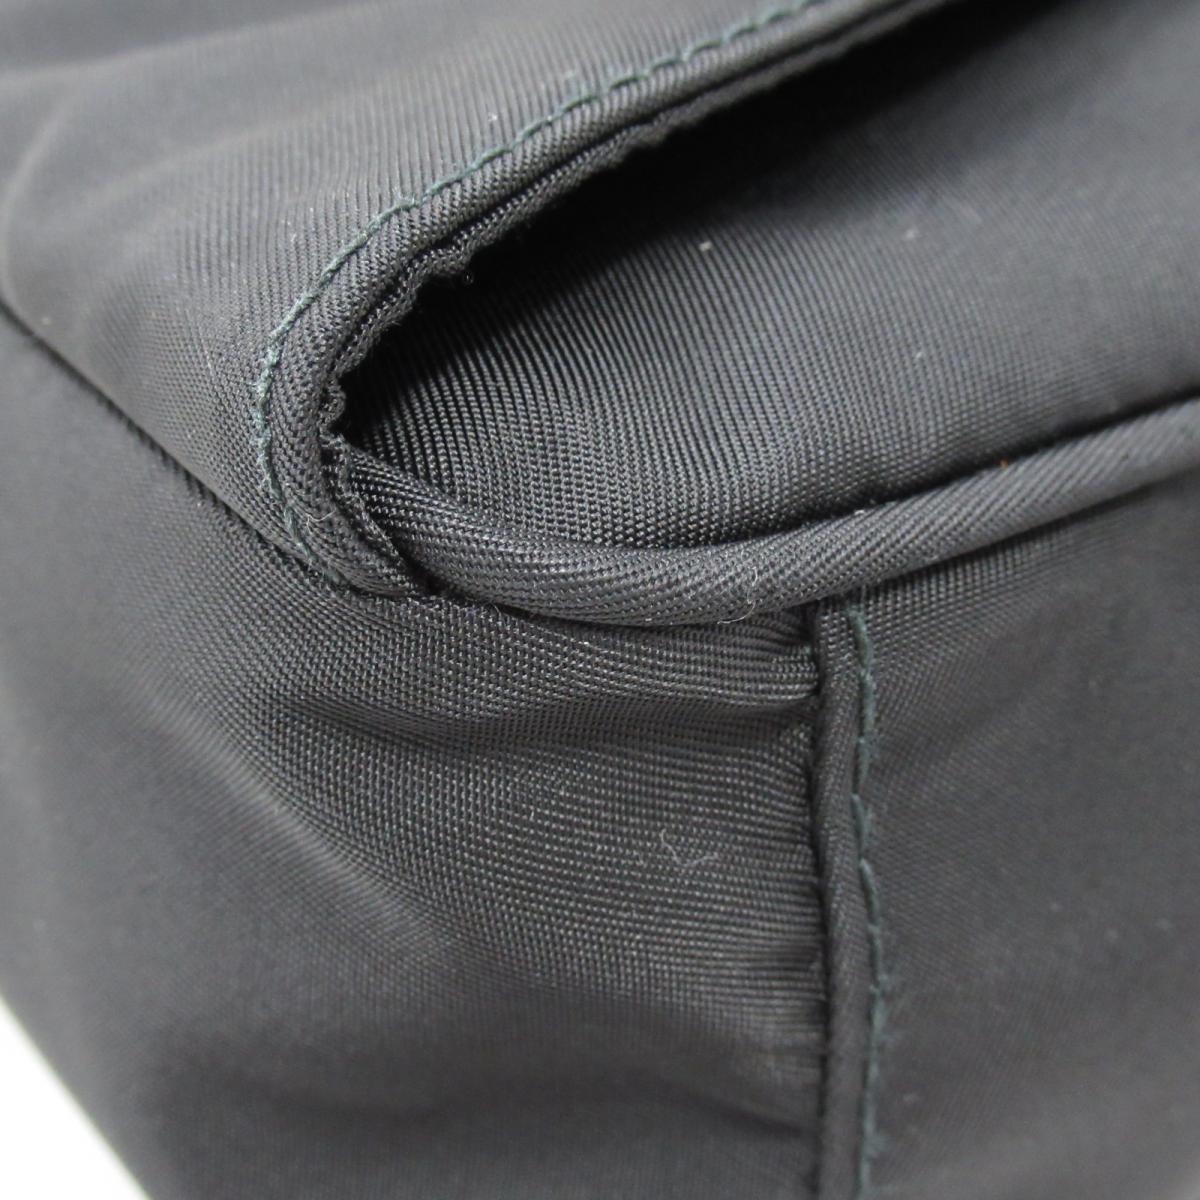 b2de6295120a BRANDOFF: Prada bum-bag body bag bag men gap Dis nylon Nero (black ...